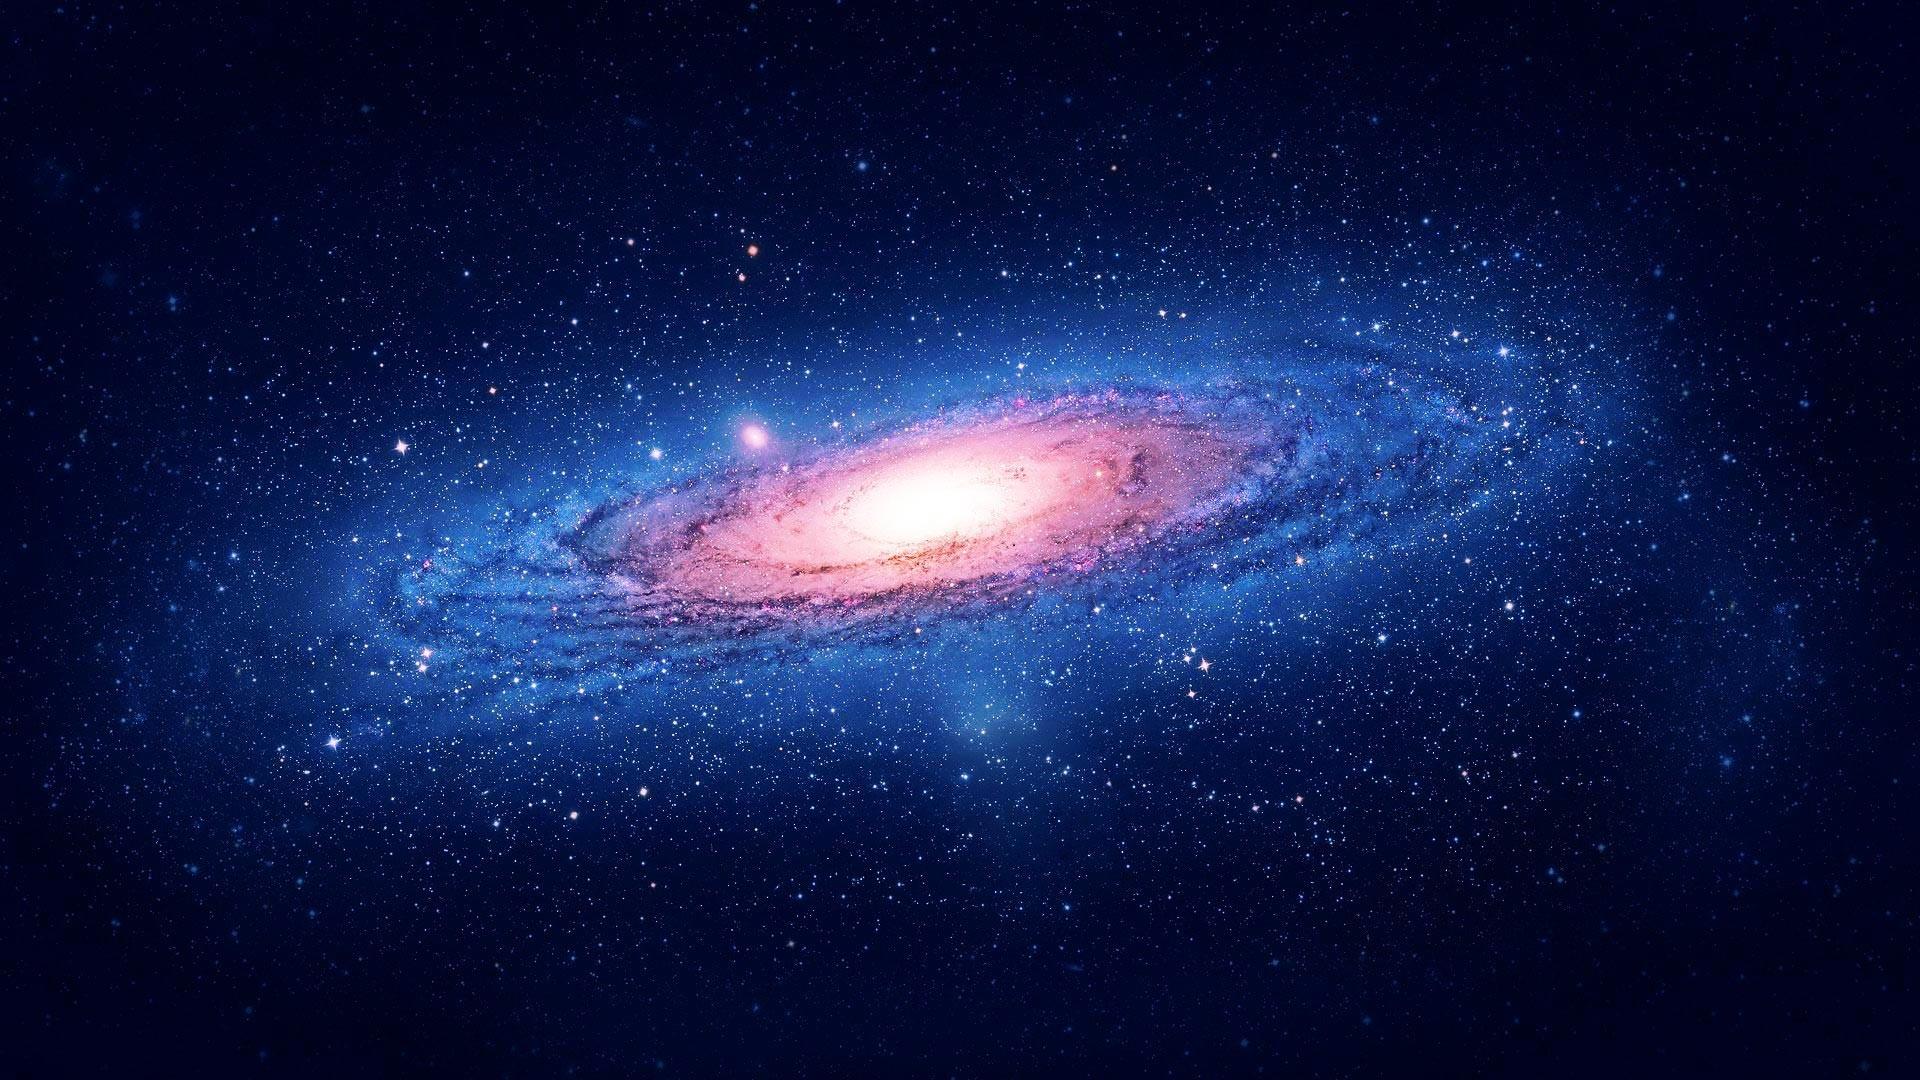 Ученые: Земля имеет нетипичные для Вселенной размеры